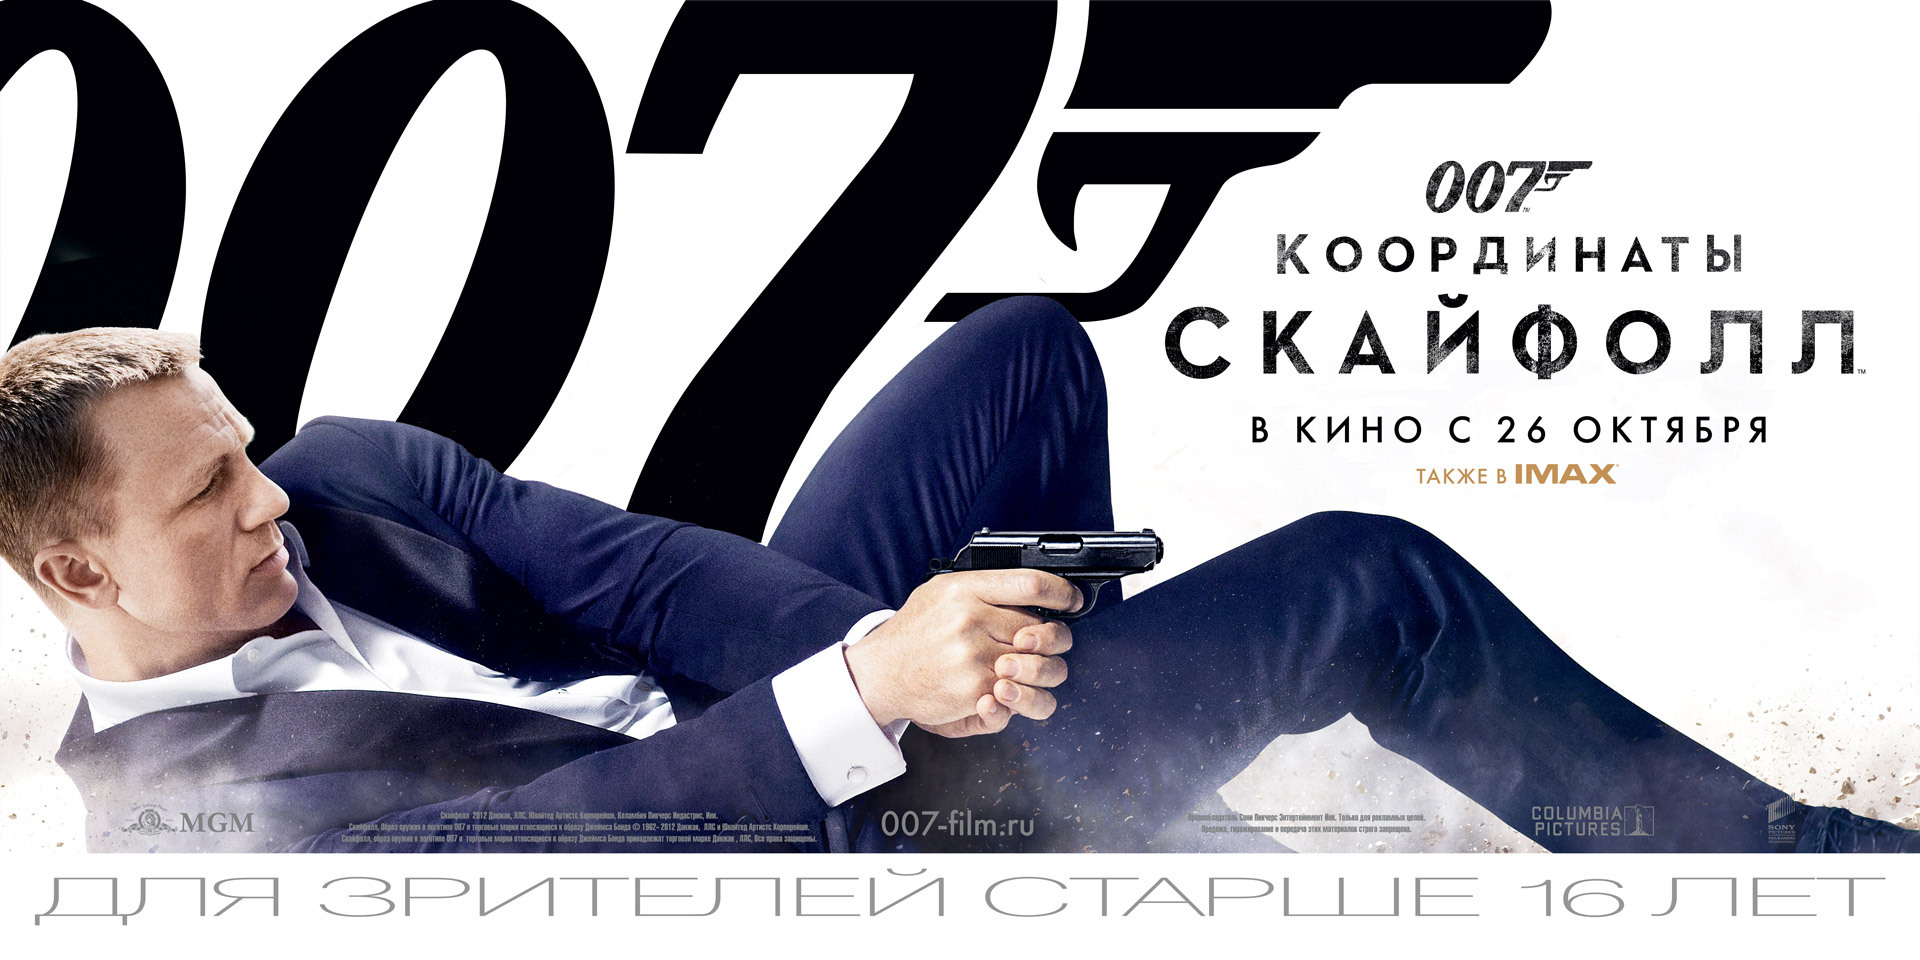 Рецензии и отзывы о фильме 007: Координаты «Скайфолл» / Skyfall